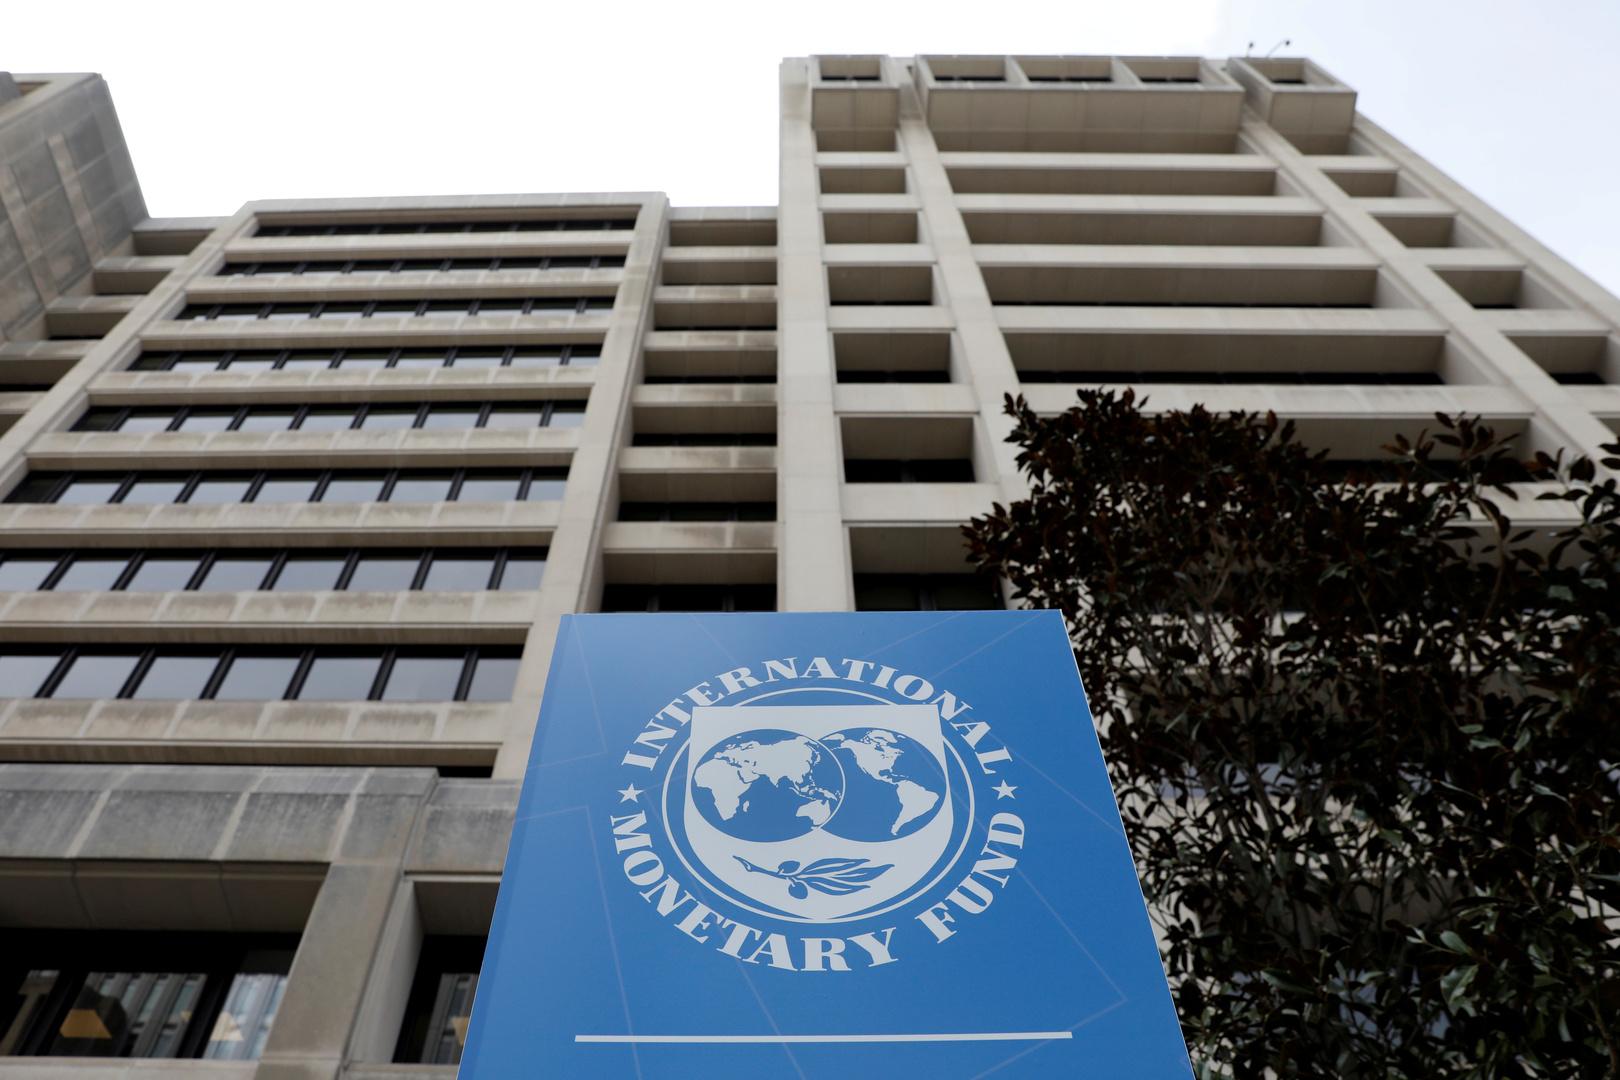 صندوق النقد الدولي: أزمة الوباء دخلت مرحلة جديدة والعالم